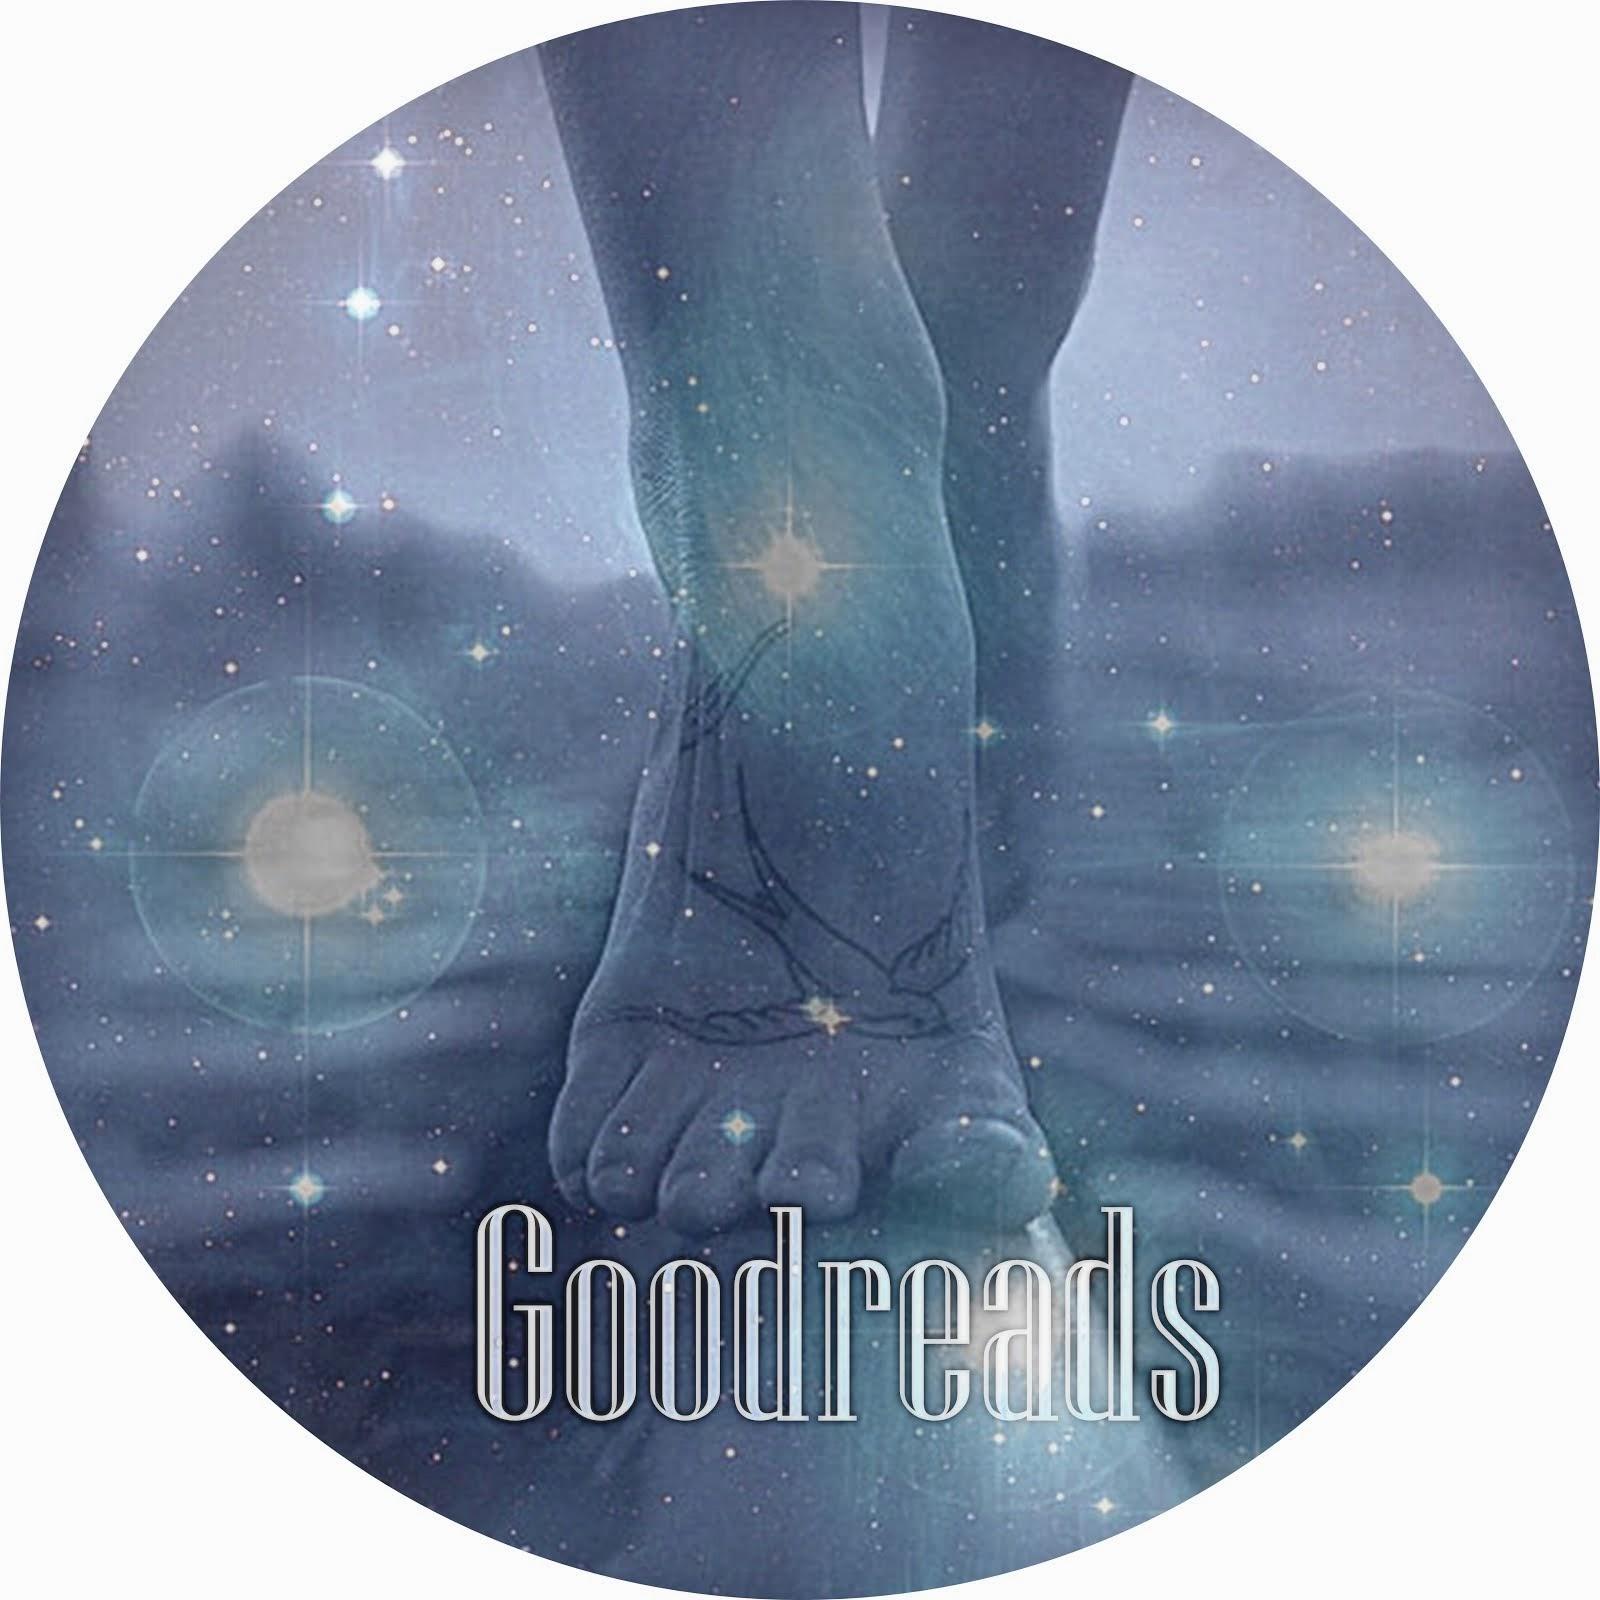 Følg damen på Goodreads